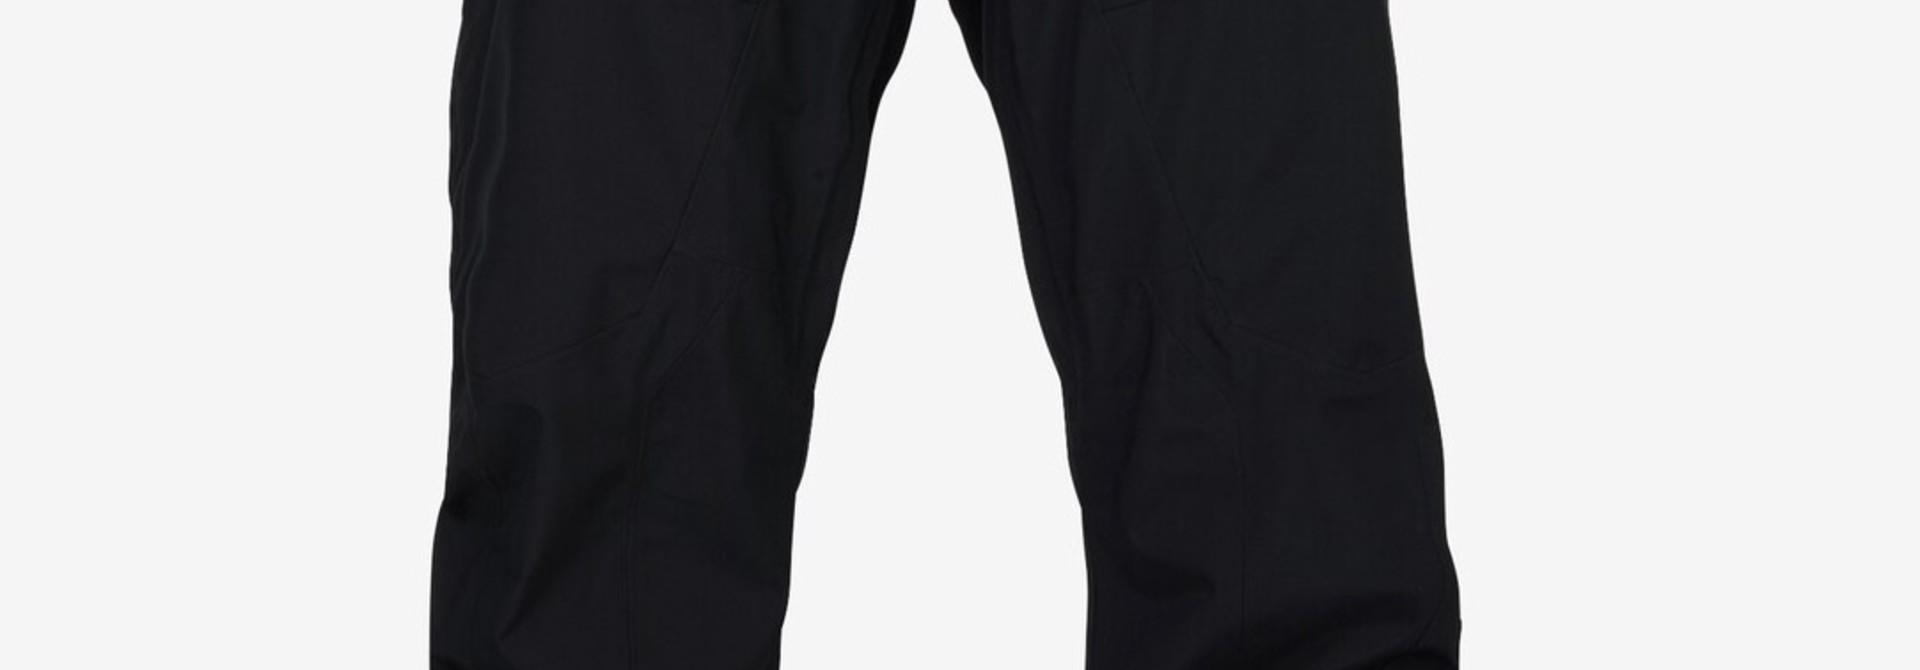 BURTON [ak]® GORE-TEX SWASH PANT